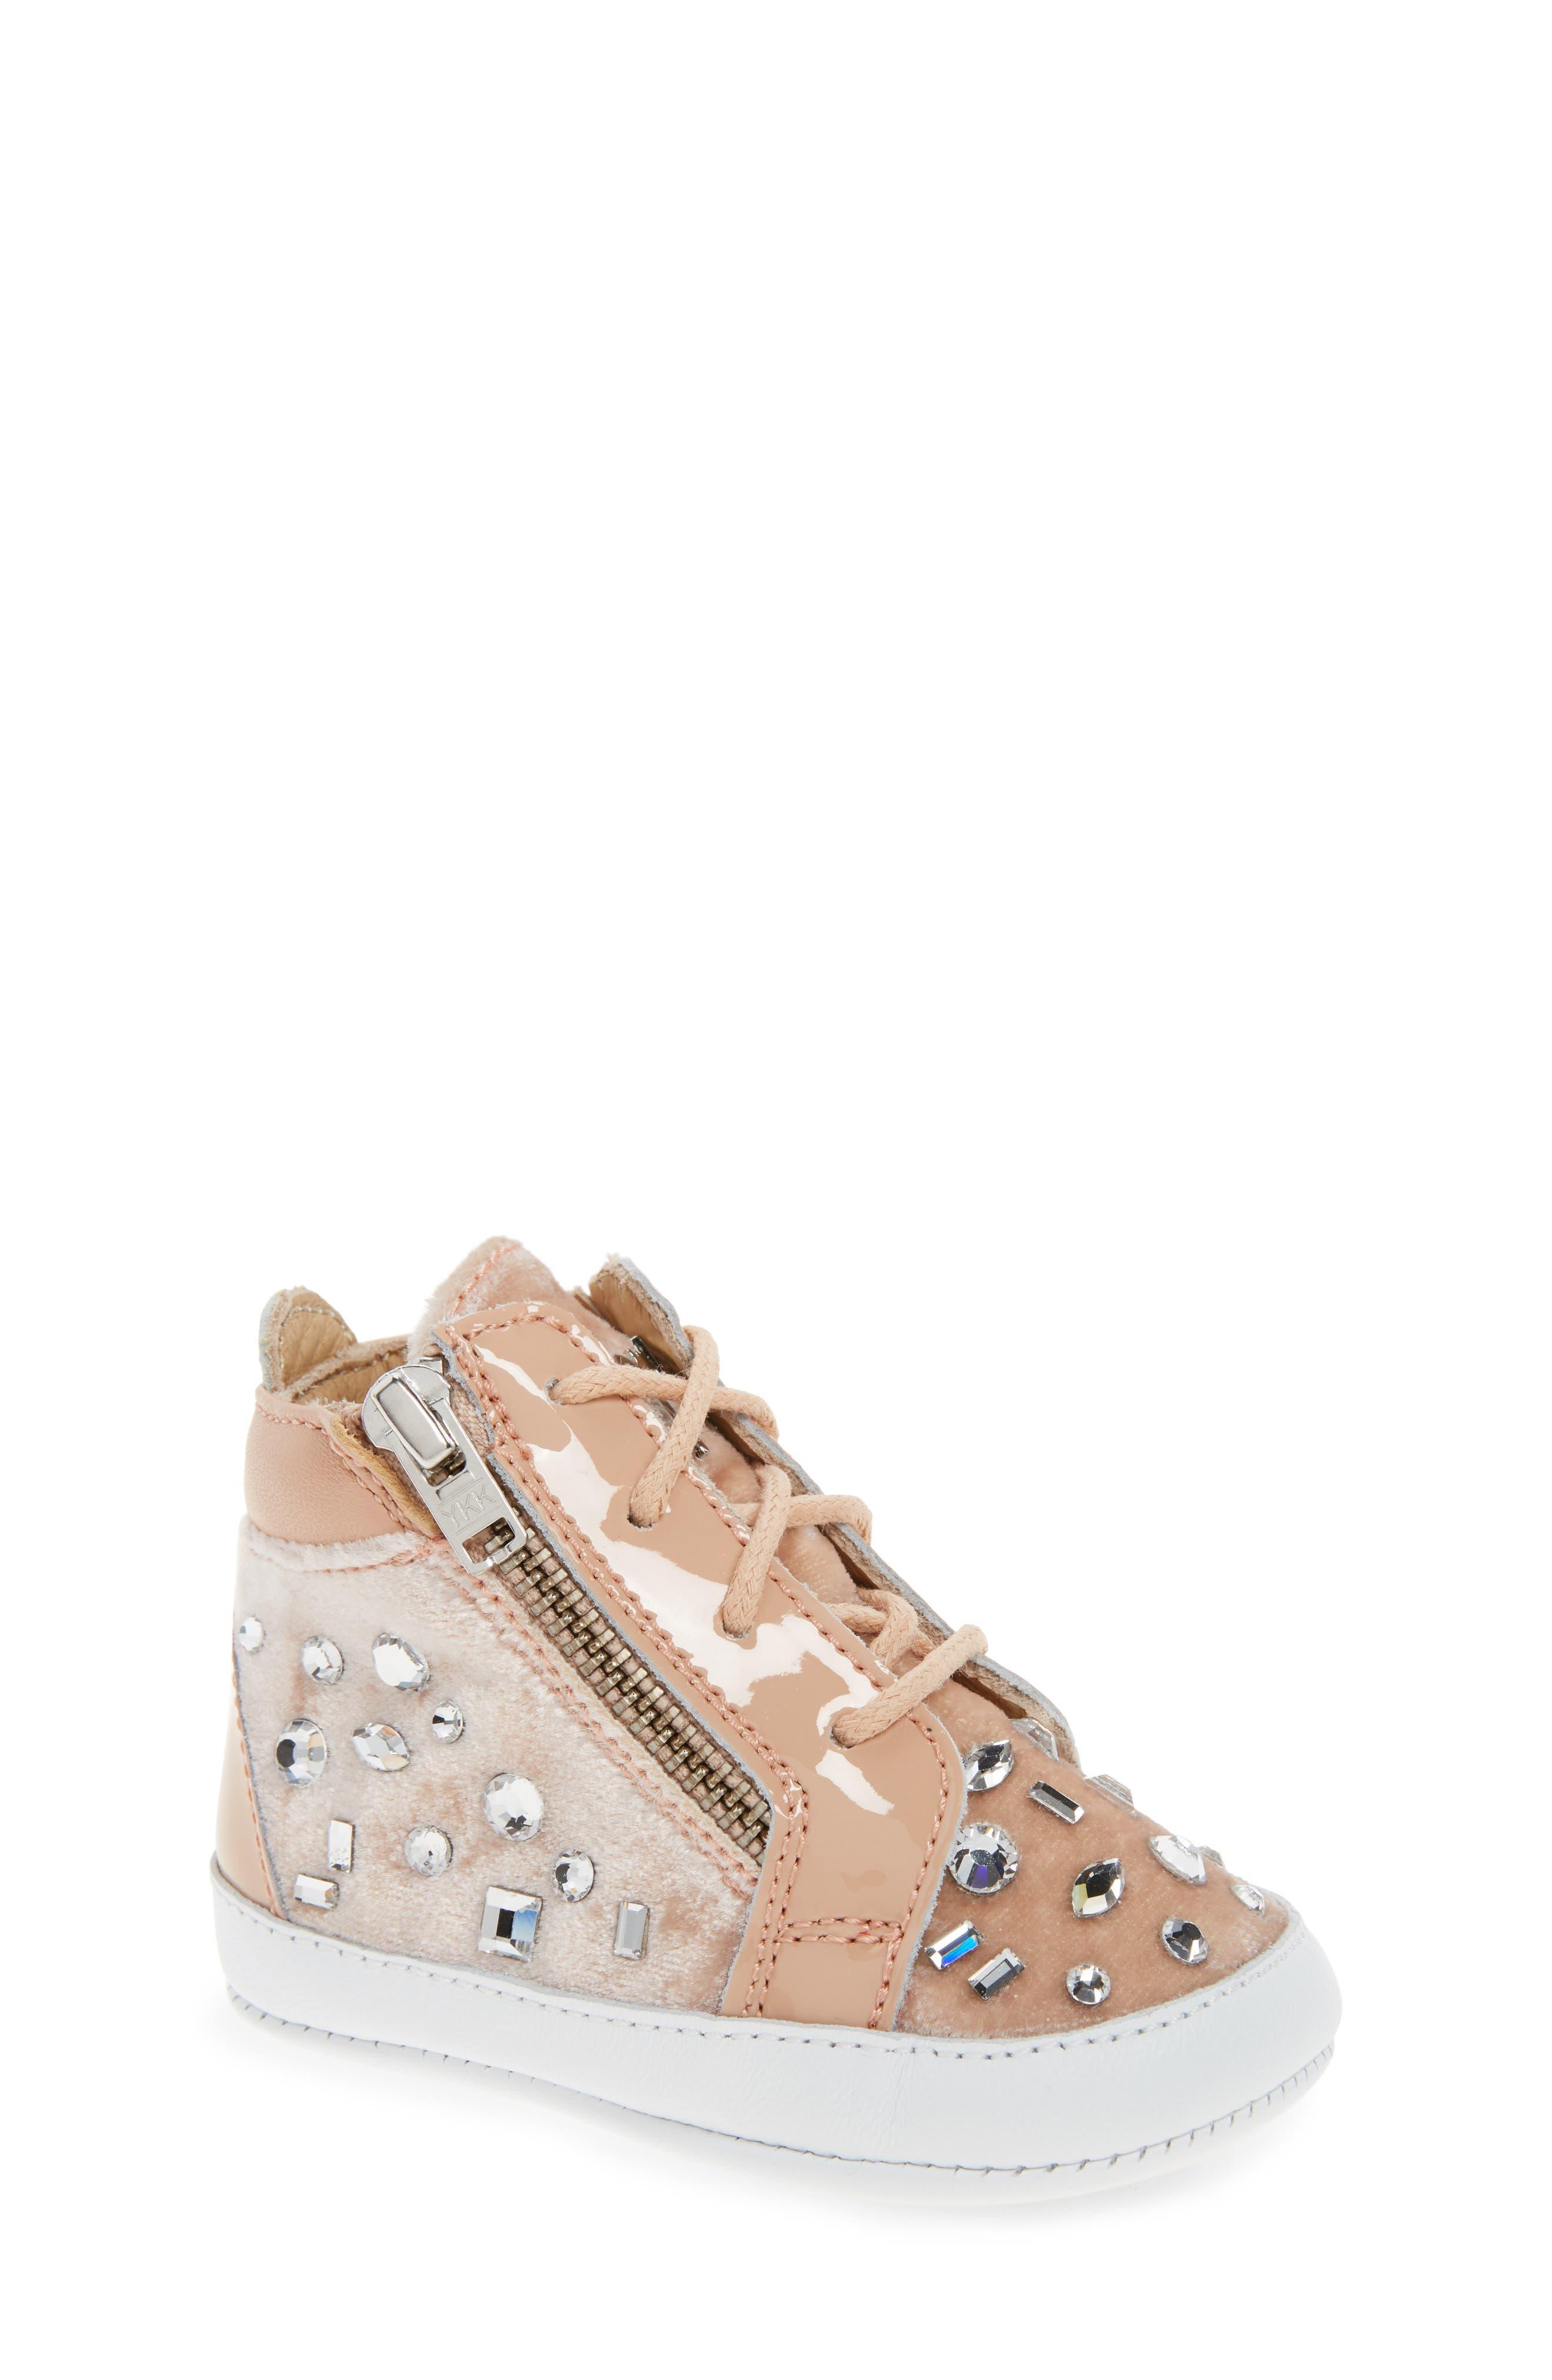 Alternate Image 1 Selected - Giuseppe Zanotti Veronica Embellished Sneaker (Baby, Walker, Toddler & Little Kid)